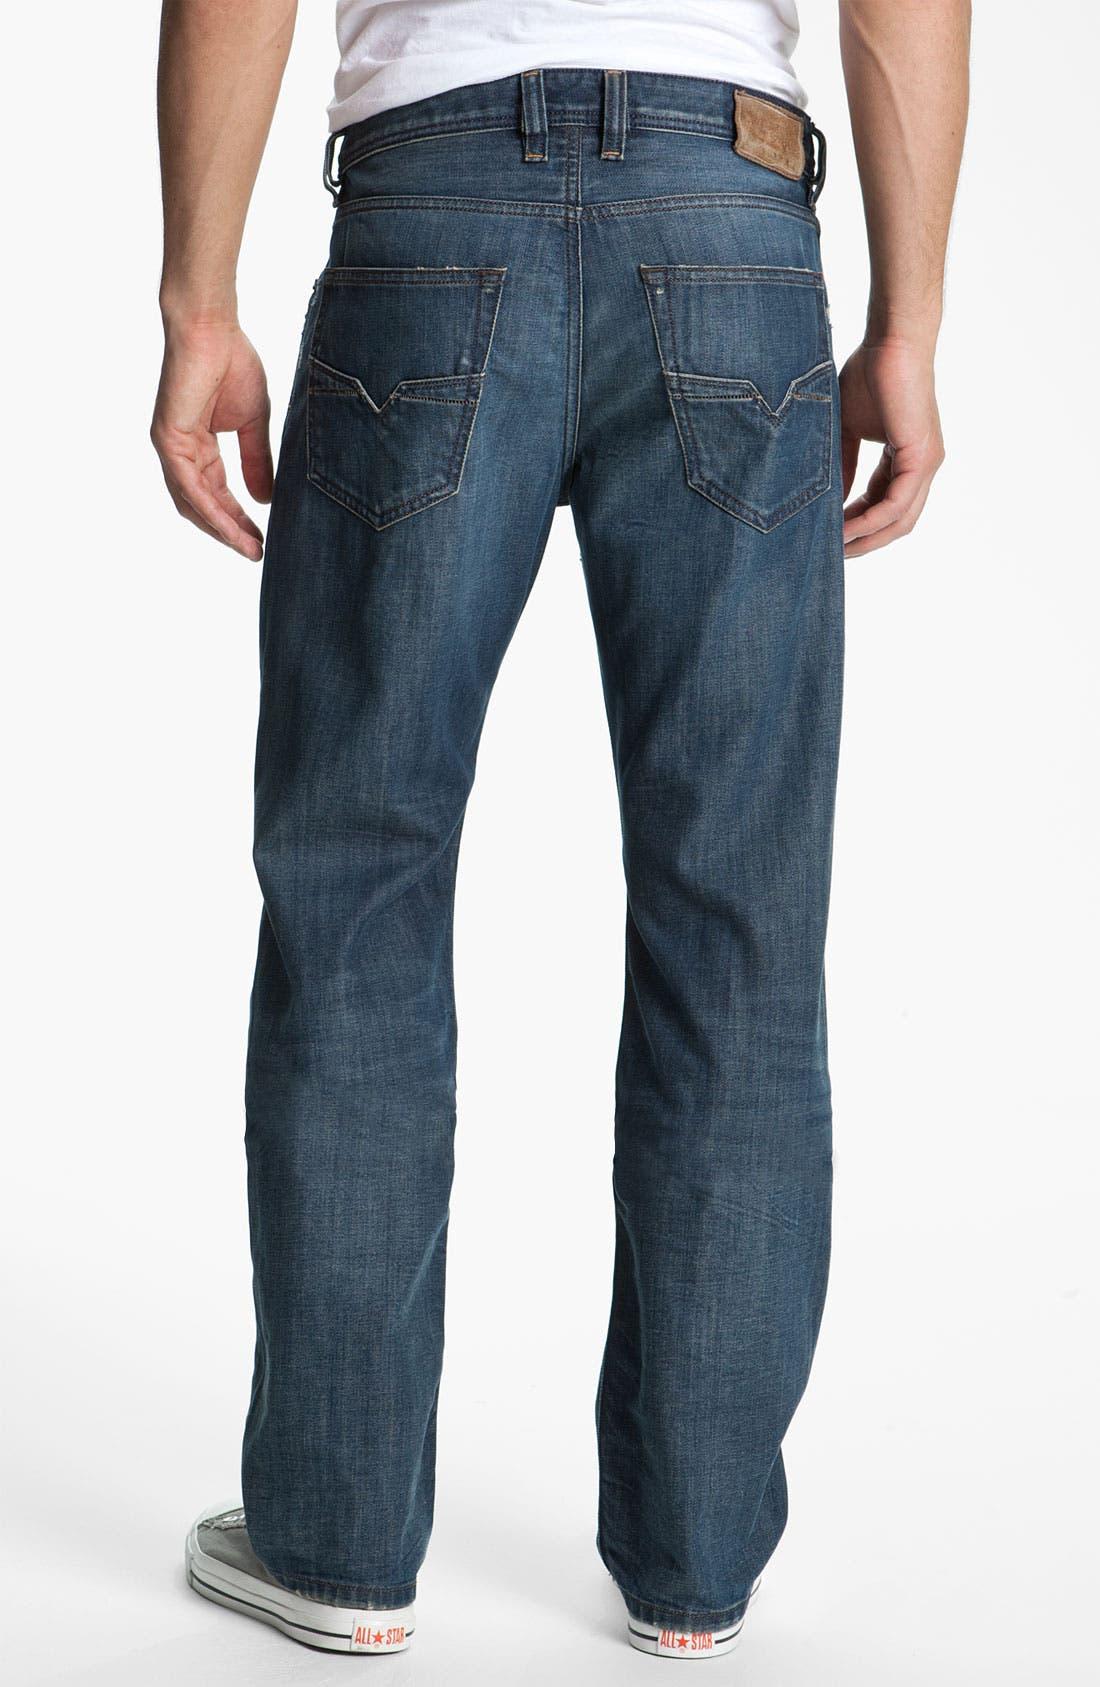 Alternate Image 1 Selected - DIESEL® 'Larkee' Relaxed Straight Leg Jeans (0885S)